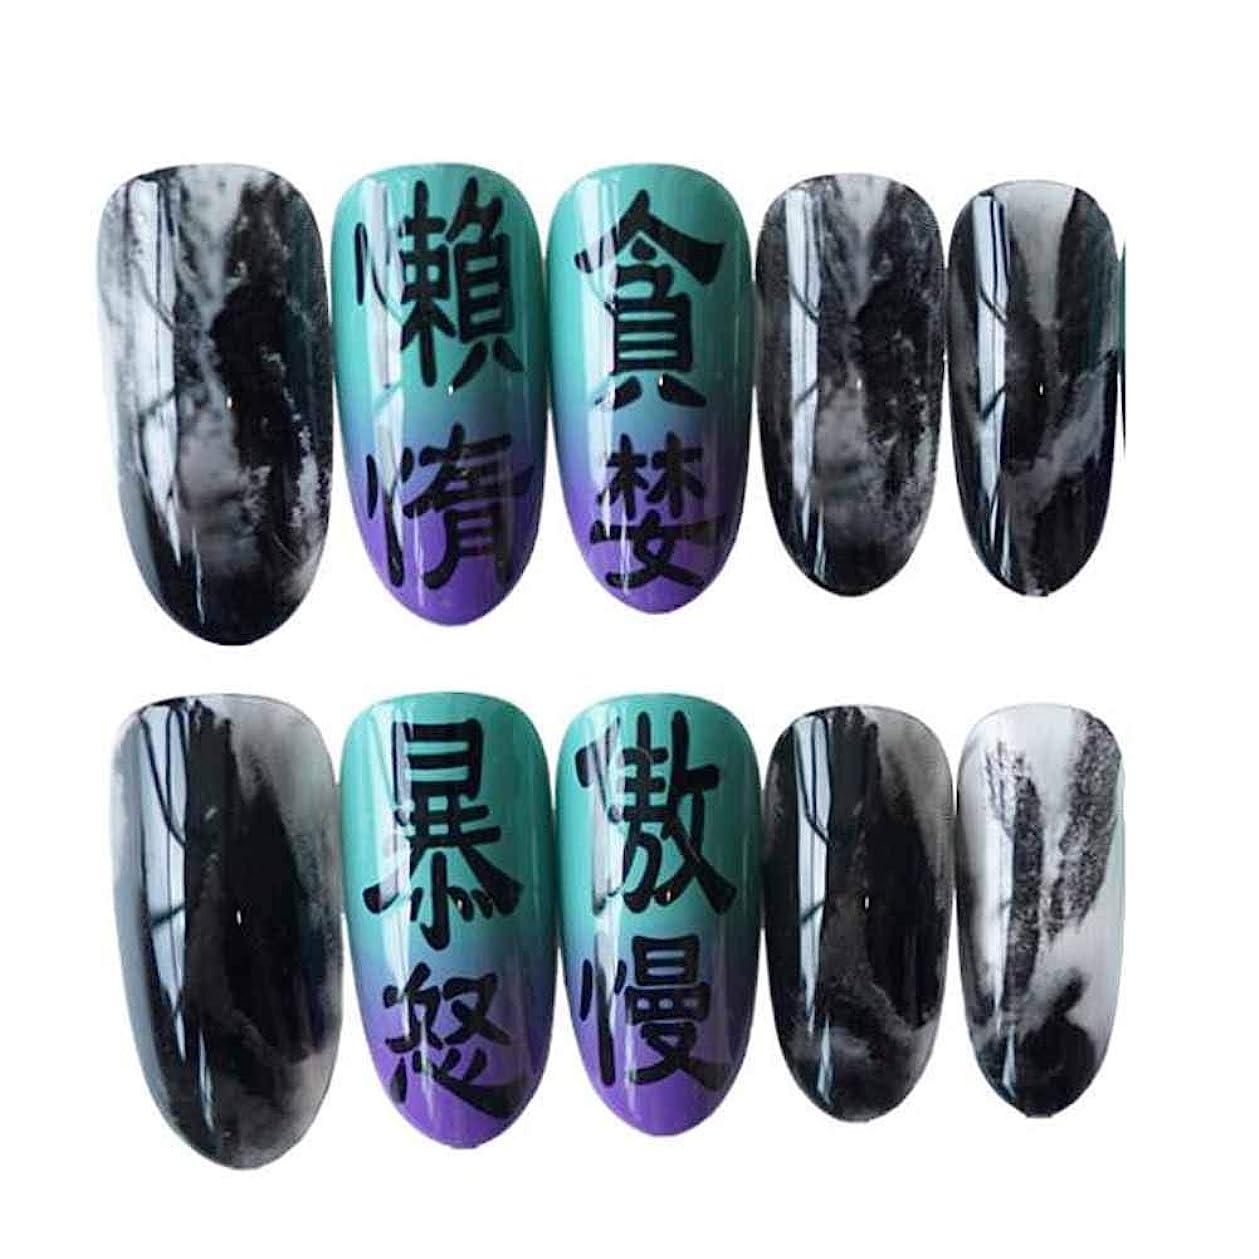 スナップモニカ発明する嫉妬 - 紫/黒のシャープな偽の指爪人工的な偽の爪のヒント暗い